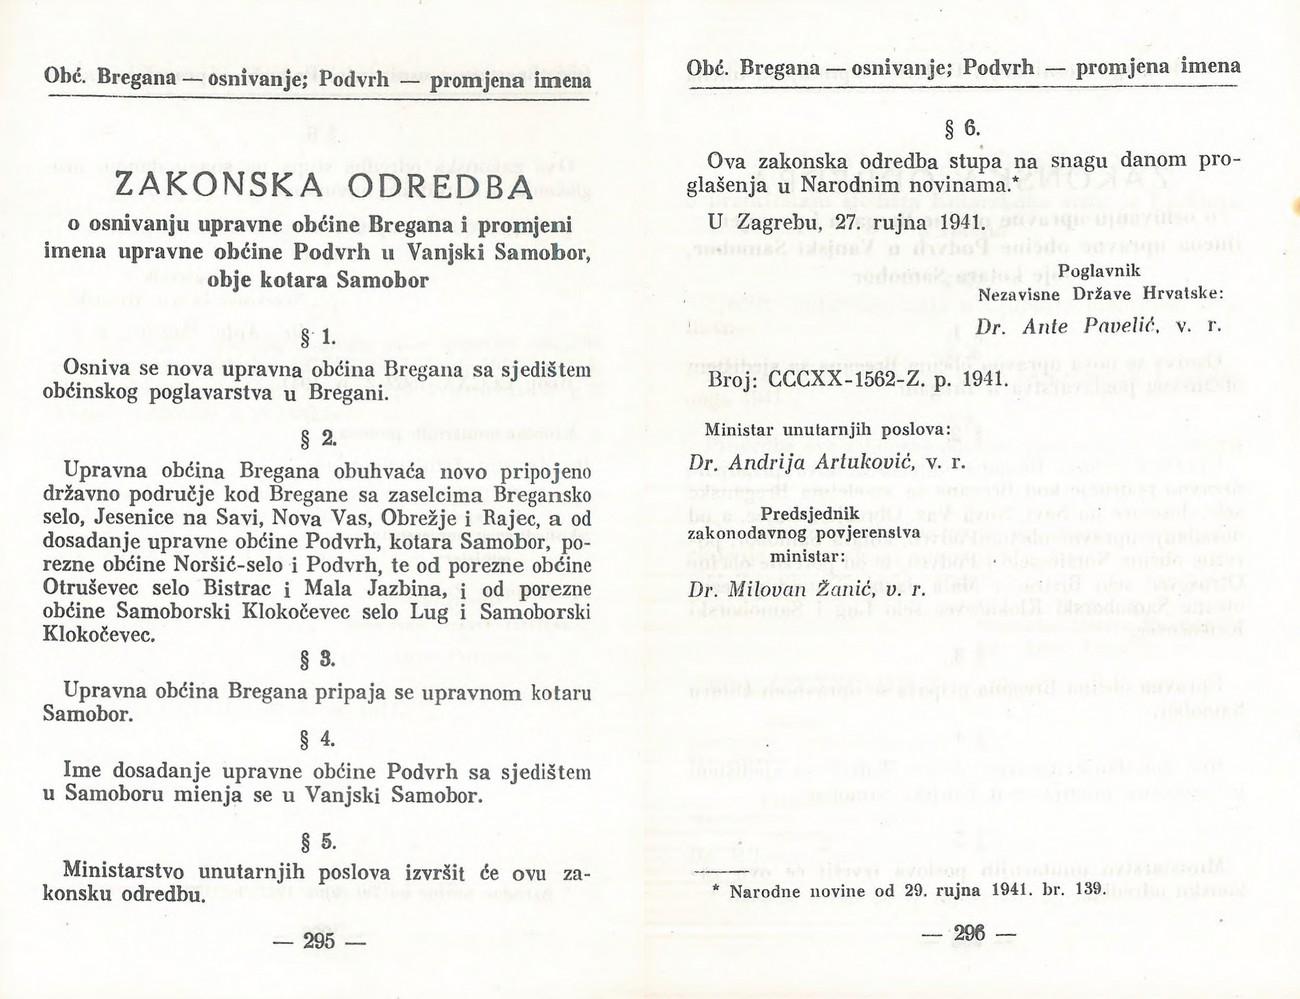 27. septembra 1941 je NDH zasedene vasi Bregansko selo (Slovenska vas), Nova vas pri Mokricah, Jesenice, Obrežje in Rajec vključila v novo občino Bregana. Poleg omenjenih vasi je bil v NDH vključena tudi vas Čedem. Zakoni, zakonske odredbe i naredbe NDH.